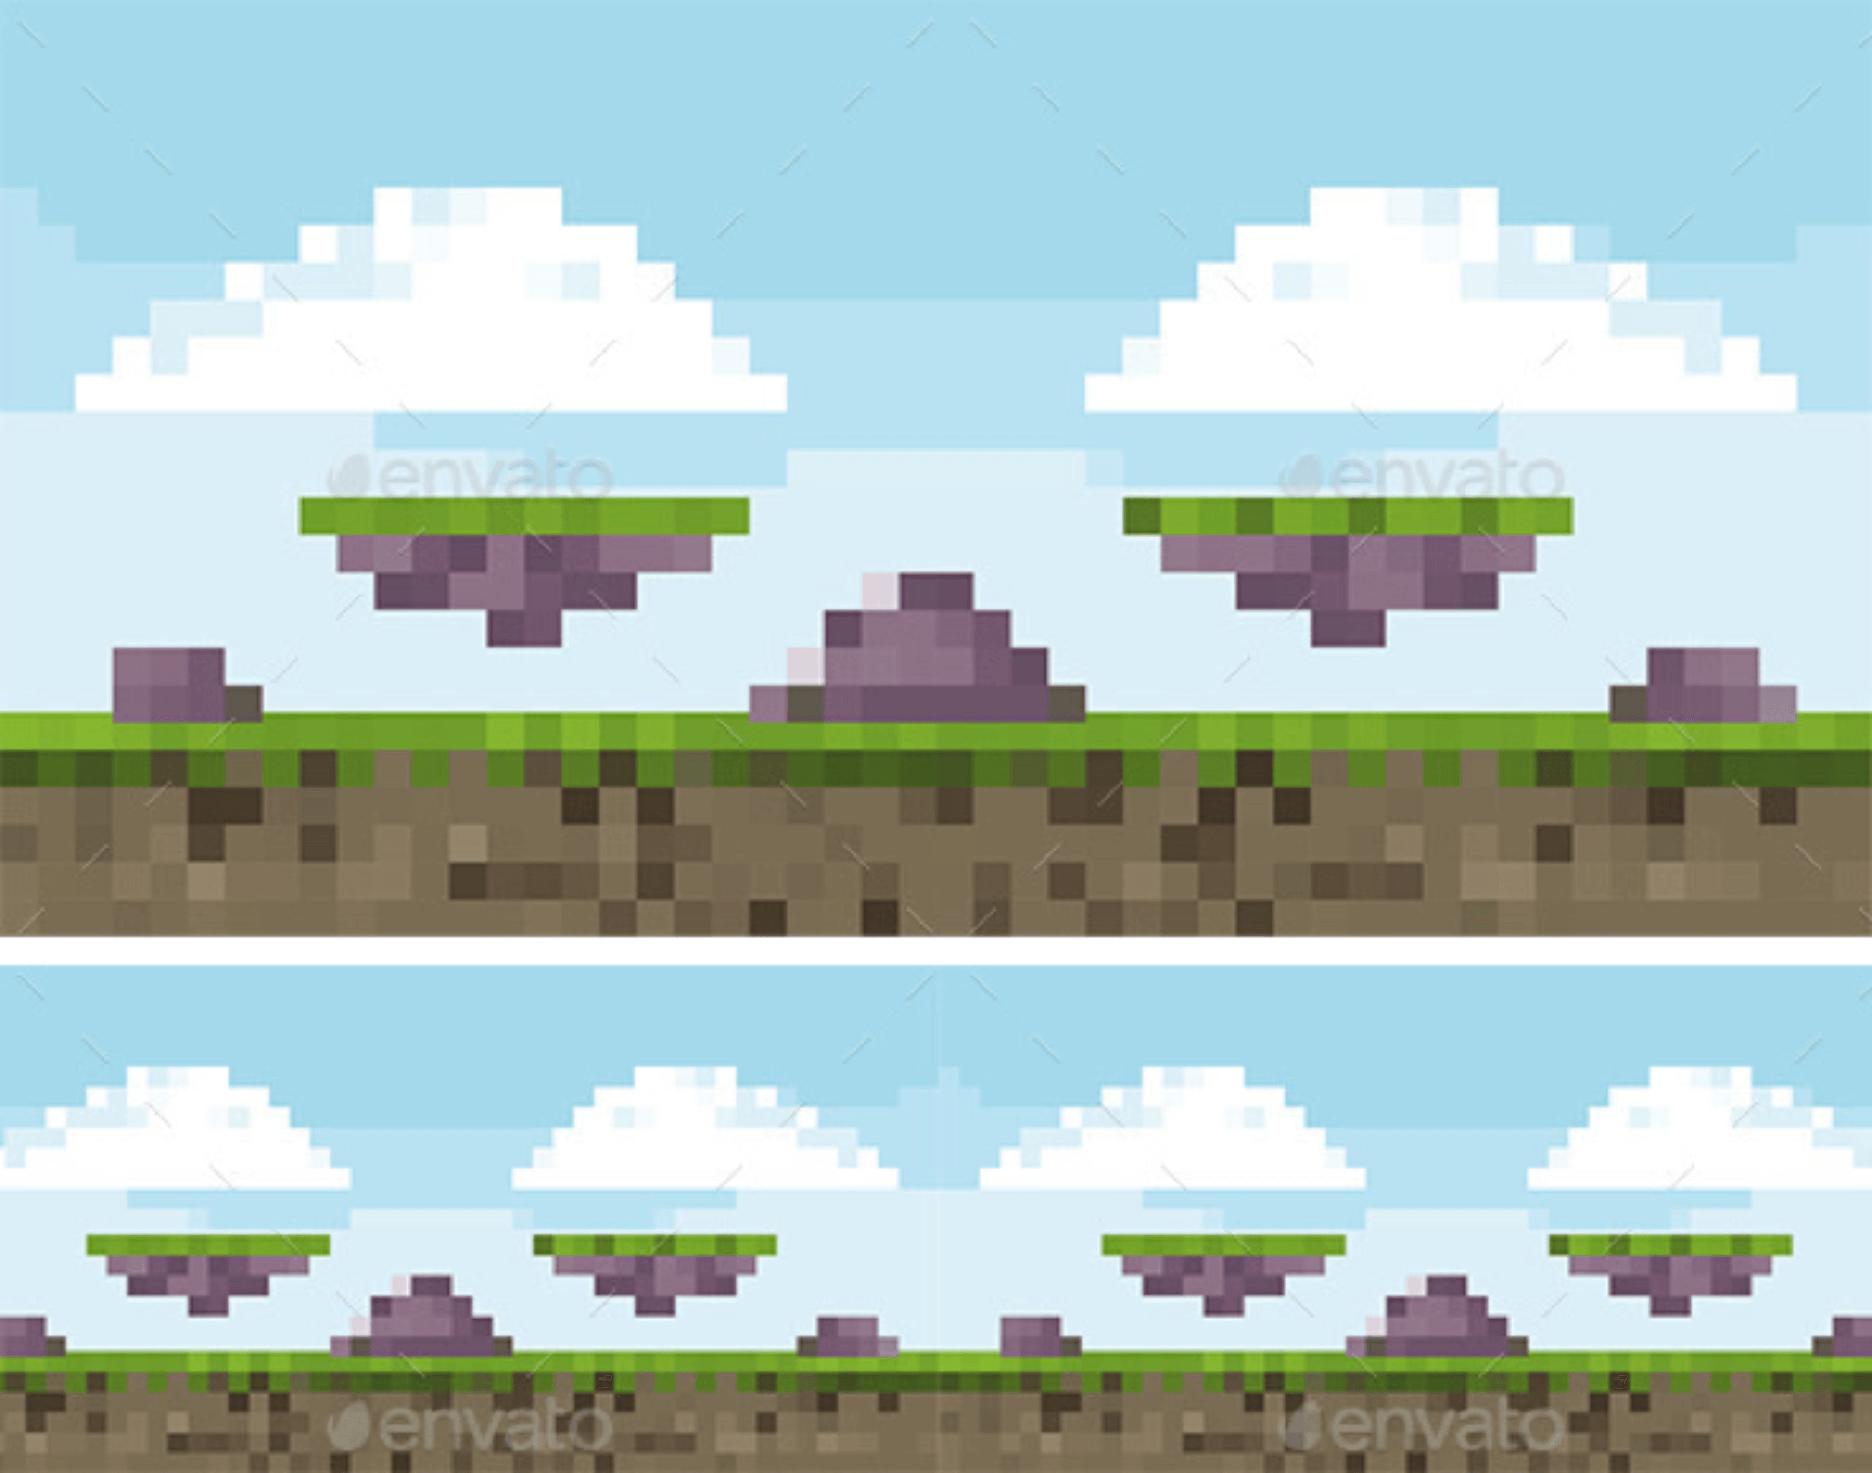 como surgiu o pixel art